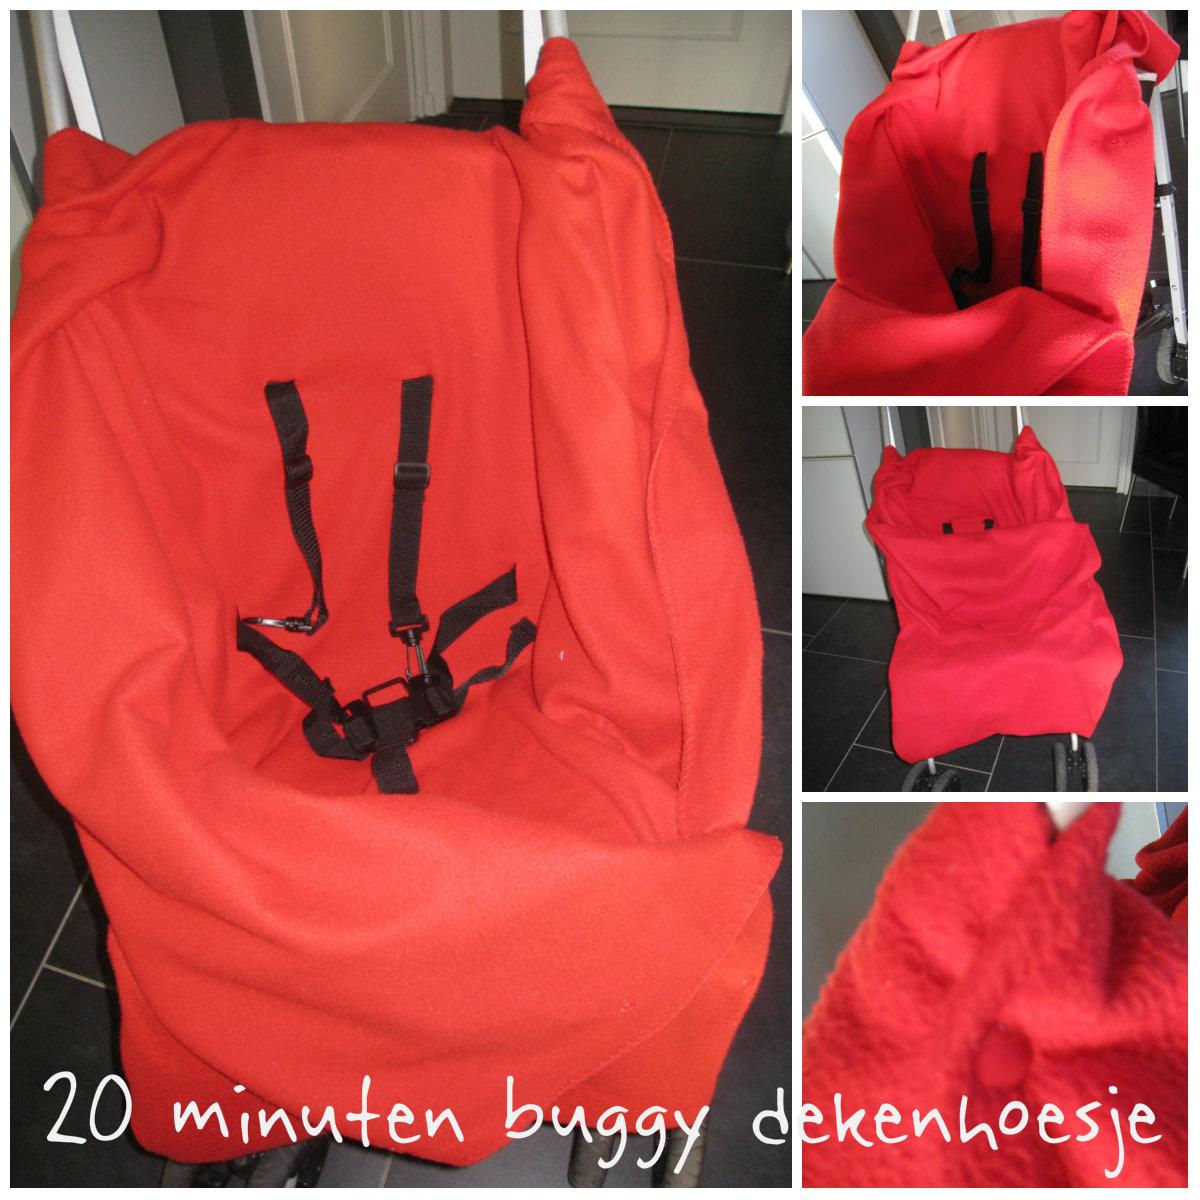 Buggy dekenhoesje in 20 minuten gemaakt, zonder naaimachine